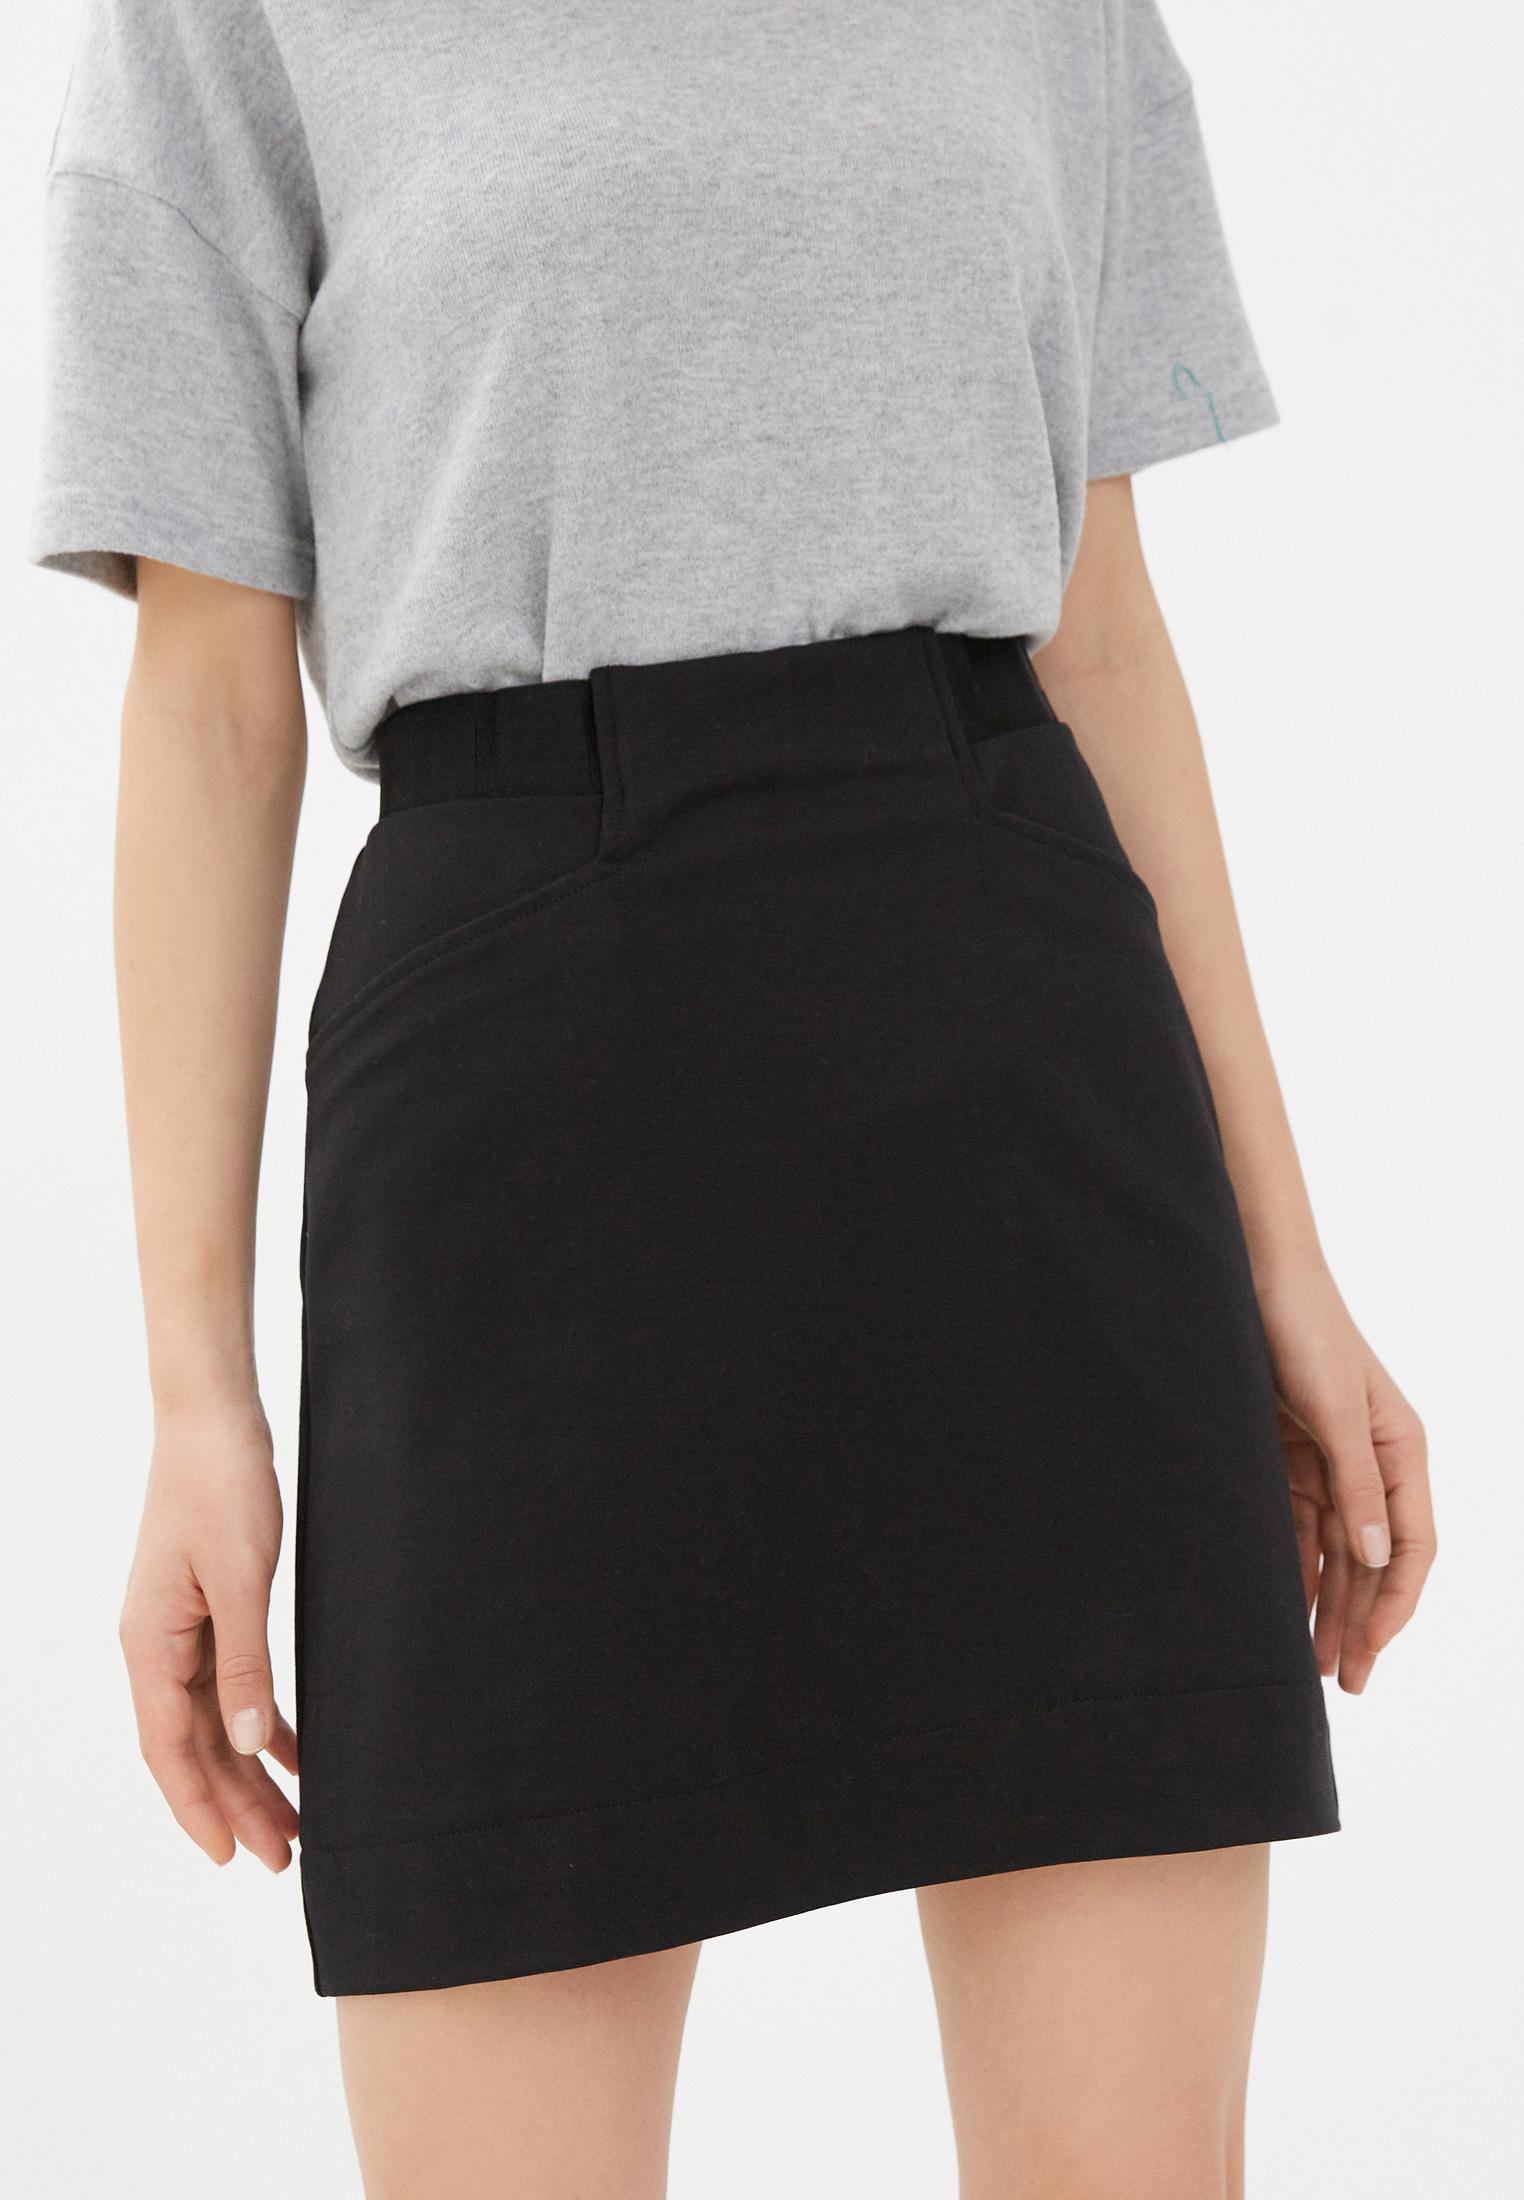 Узкая юбка Ichi (Ичи) Юбка Ichi